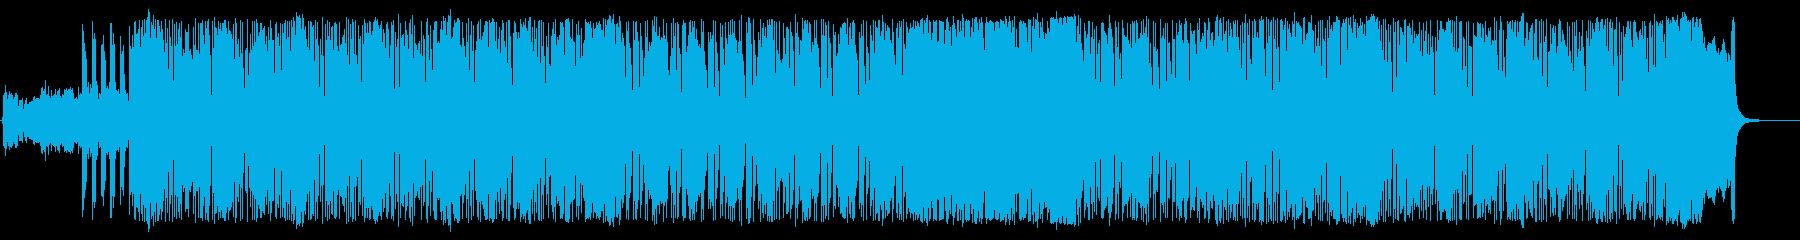 緊迫感のあるテクニカルなヘヴィメタルの再生済みの波形